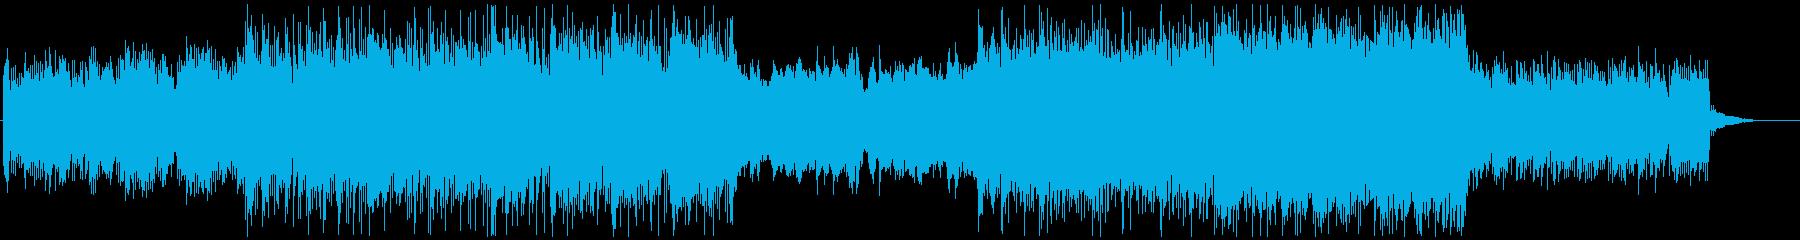 ハイブリッドシネマティック/メインテーマの再生済みの波形